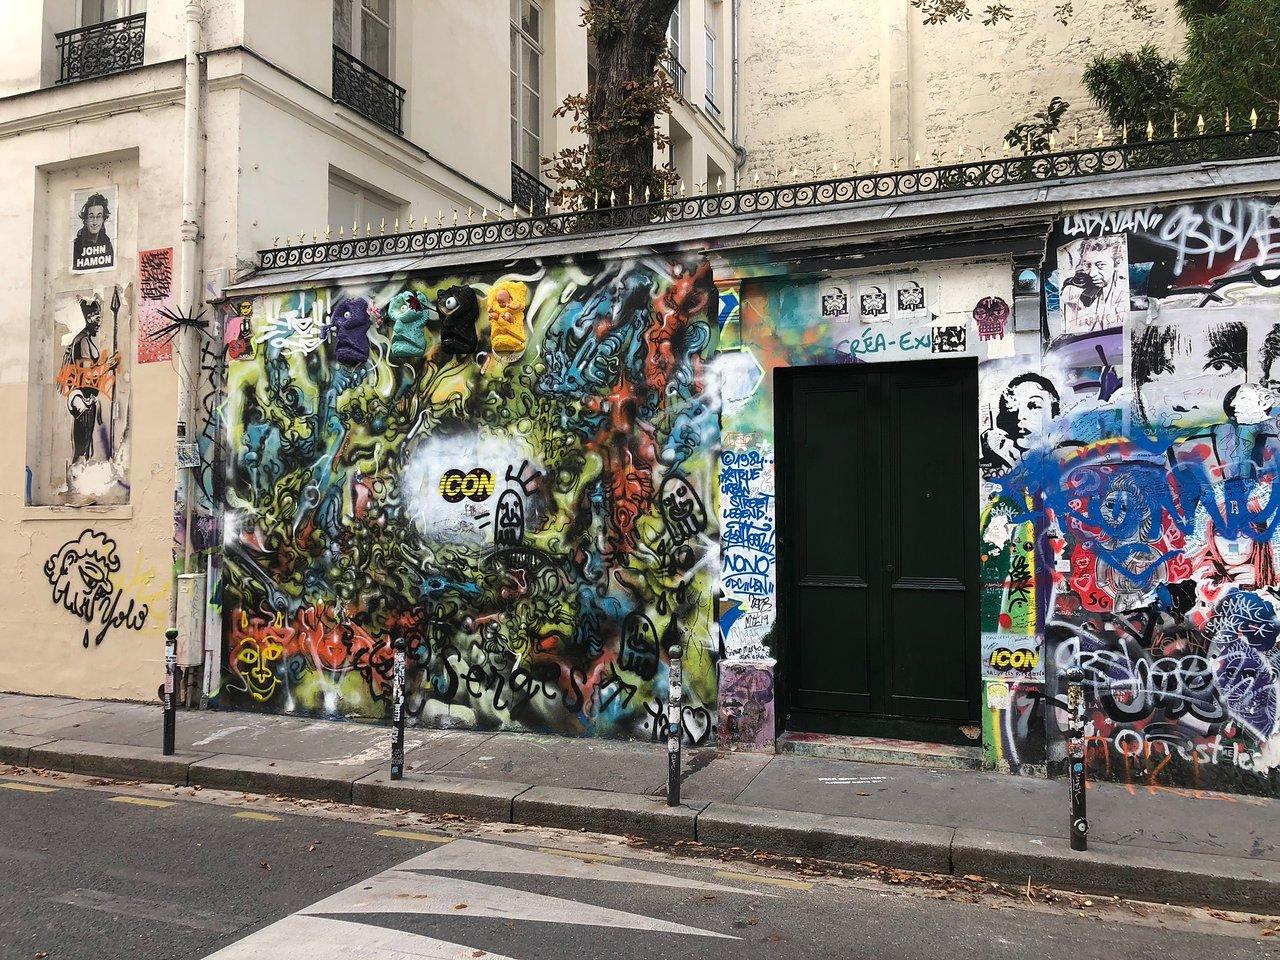 Maison Serge Gainsbourg Visite Intérieur maison de serge gainsbourg (paris) : 2020 ce qu'il faut